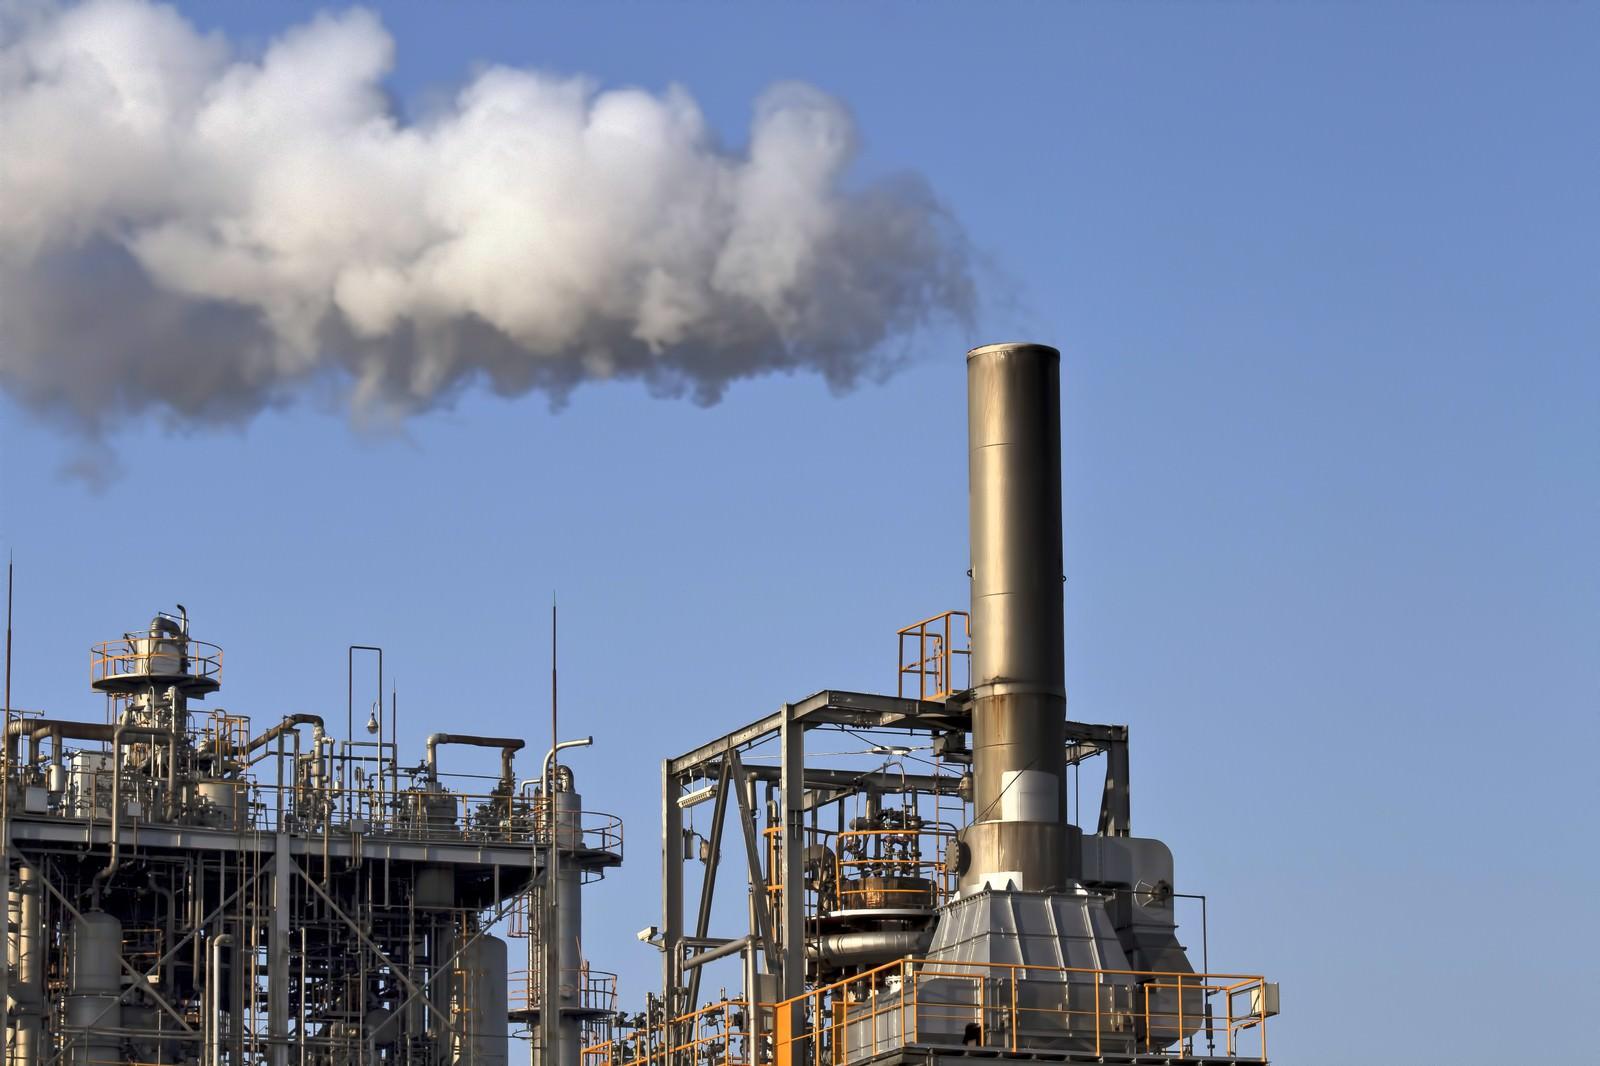 「煙をふく工場」の写真